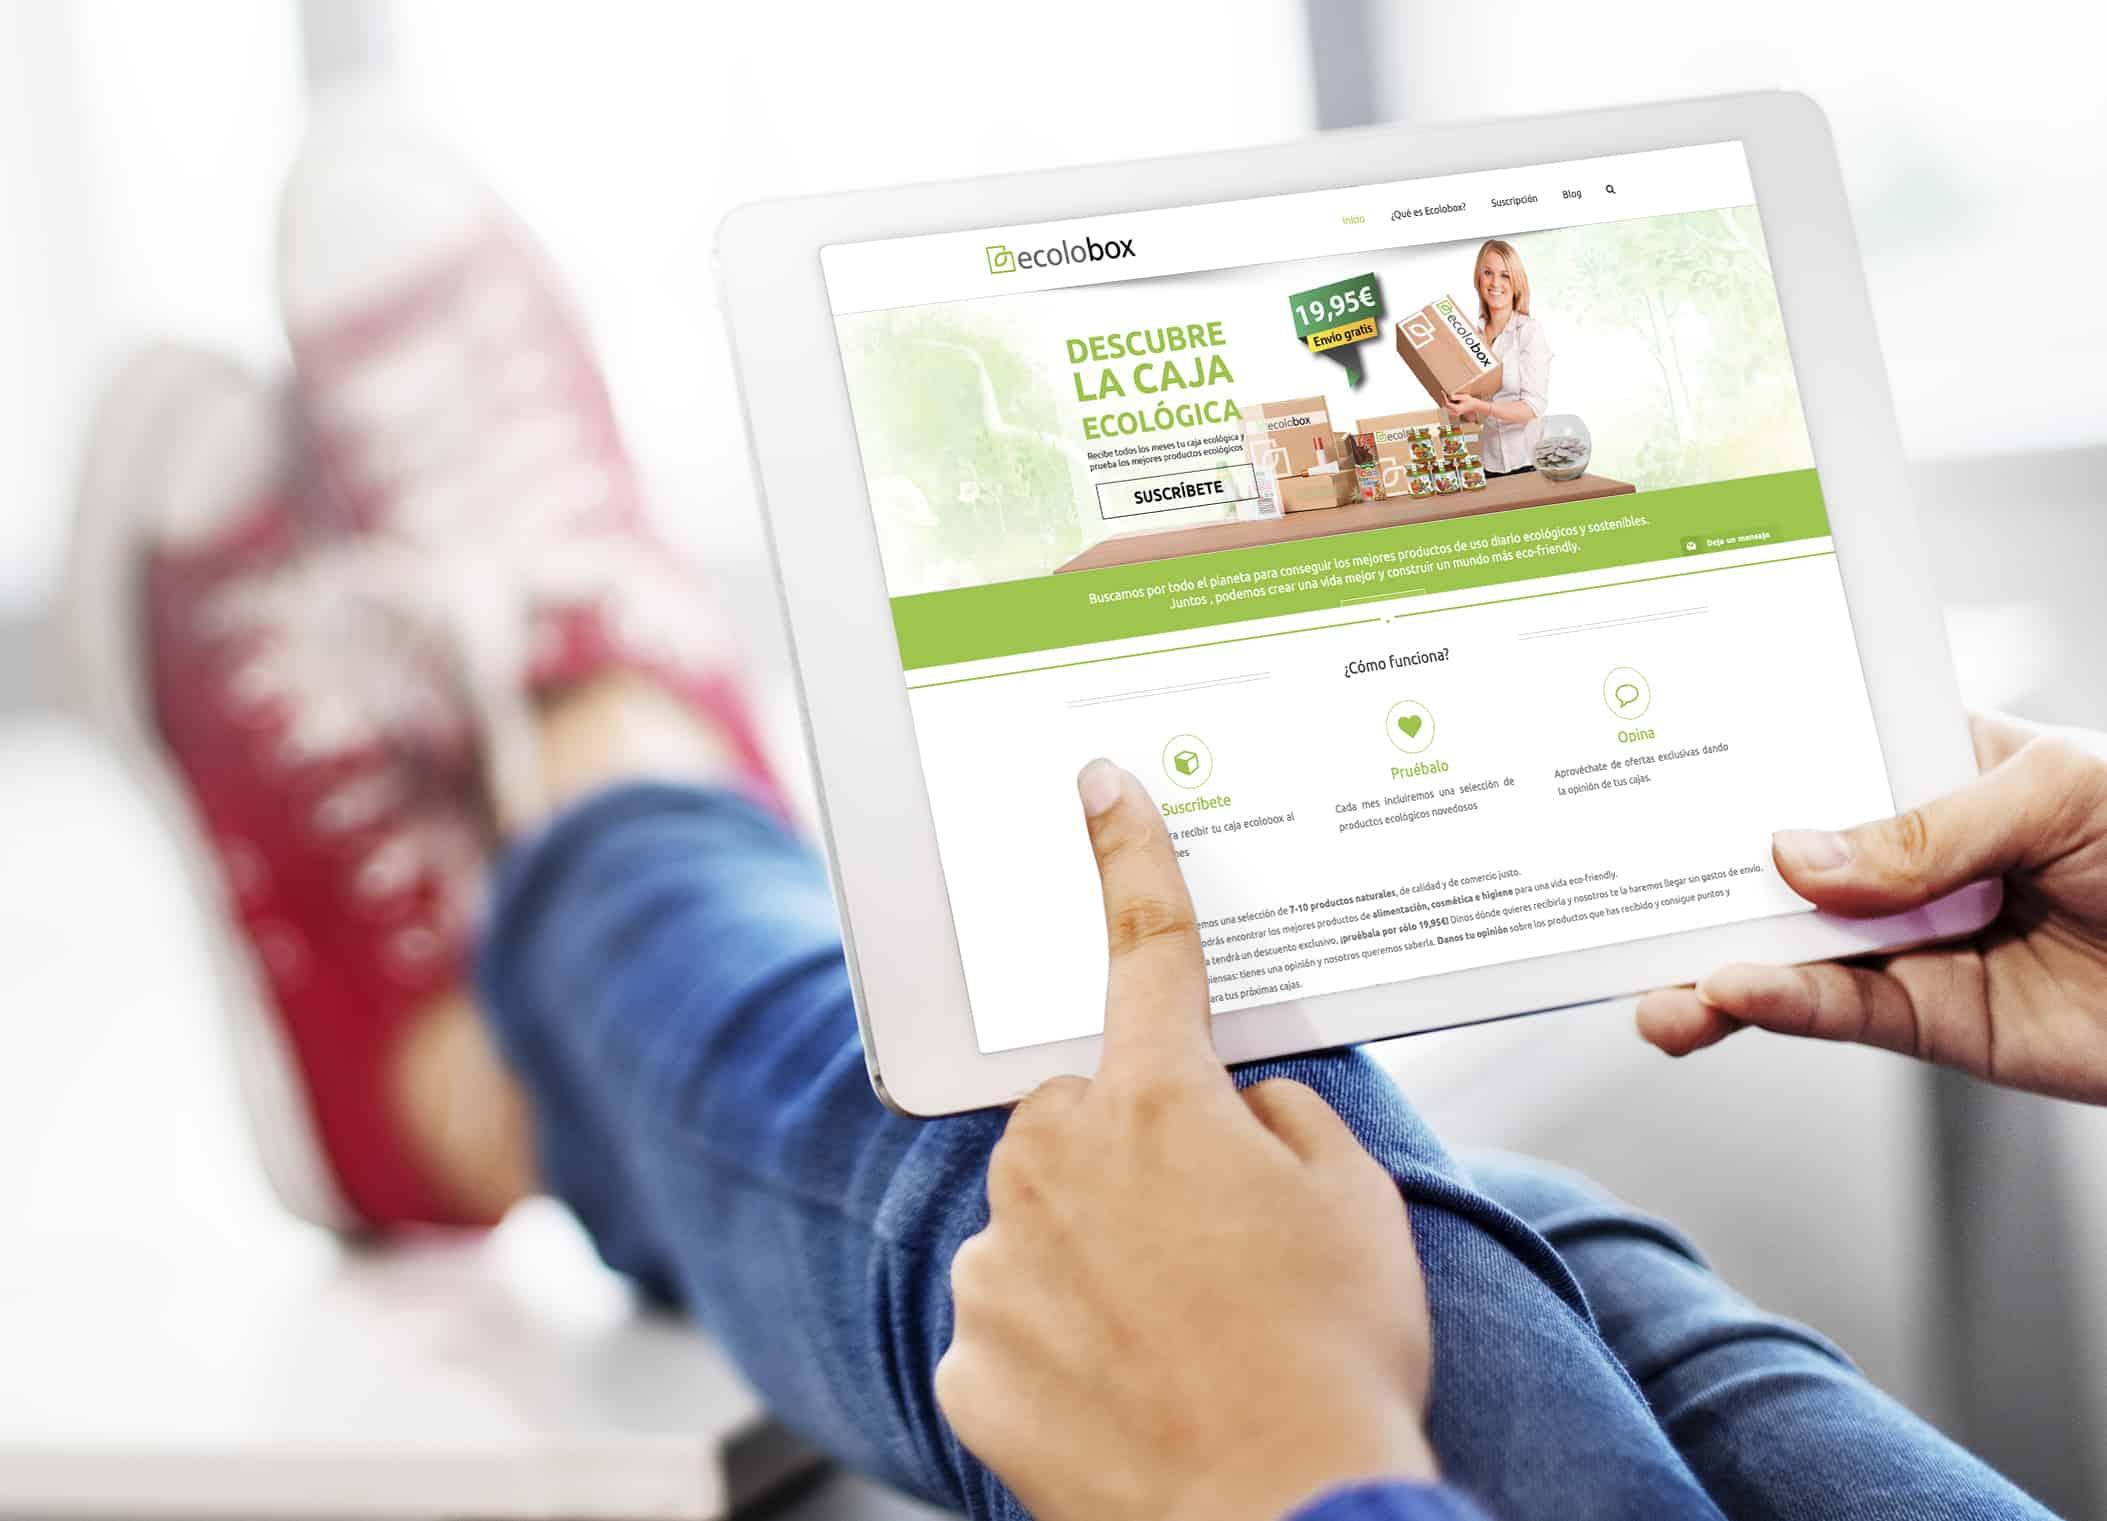 Diseño de producto y marca Ecolobox 1